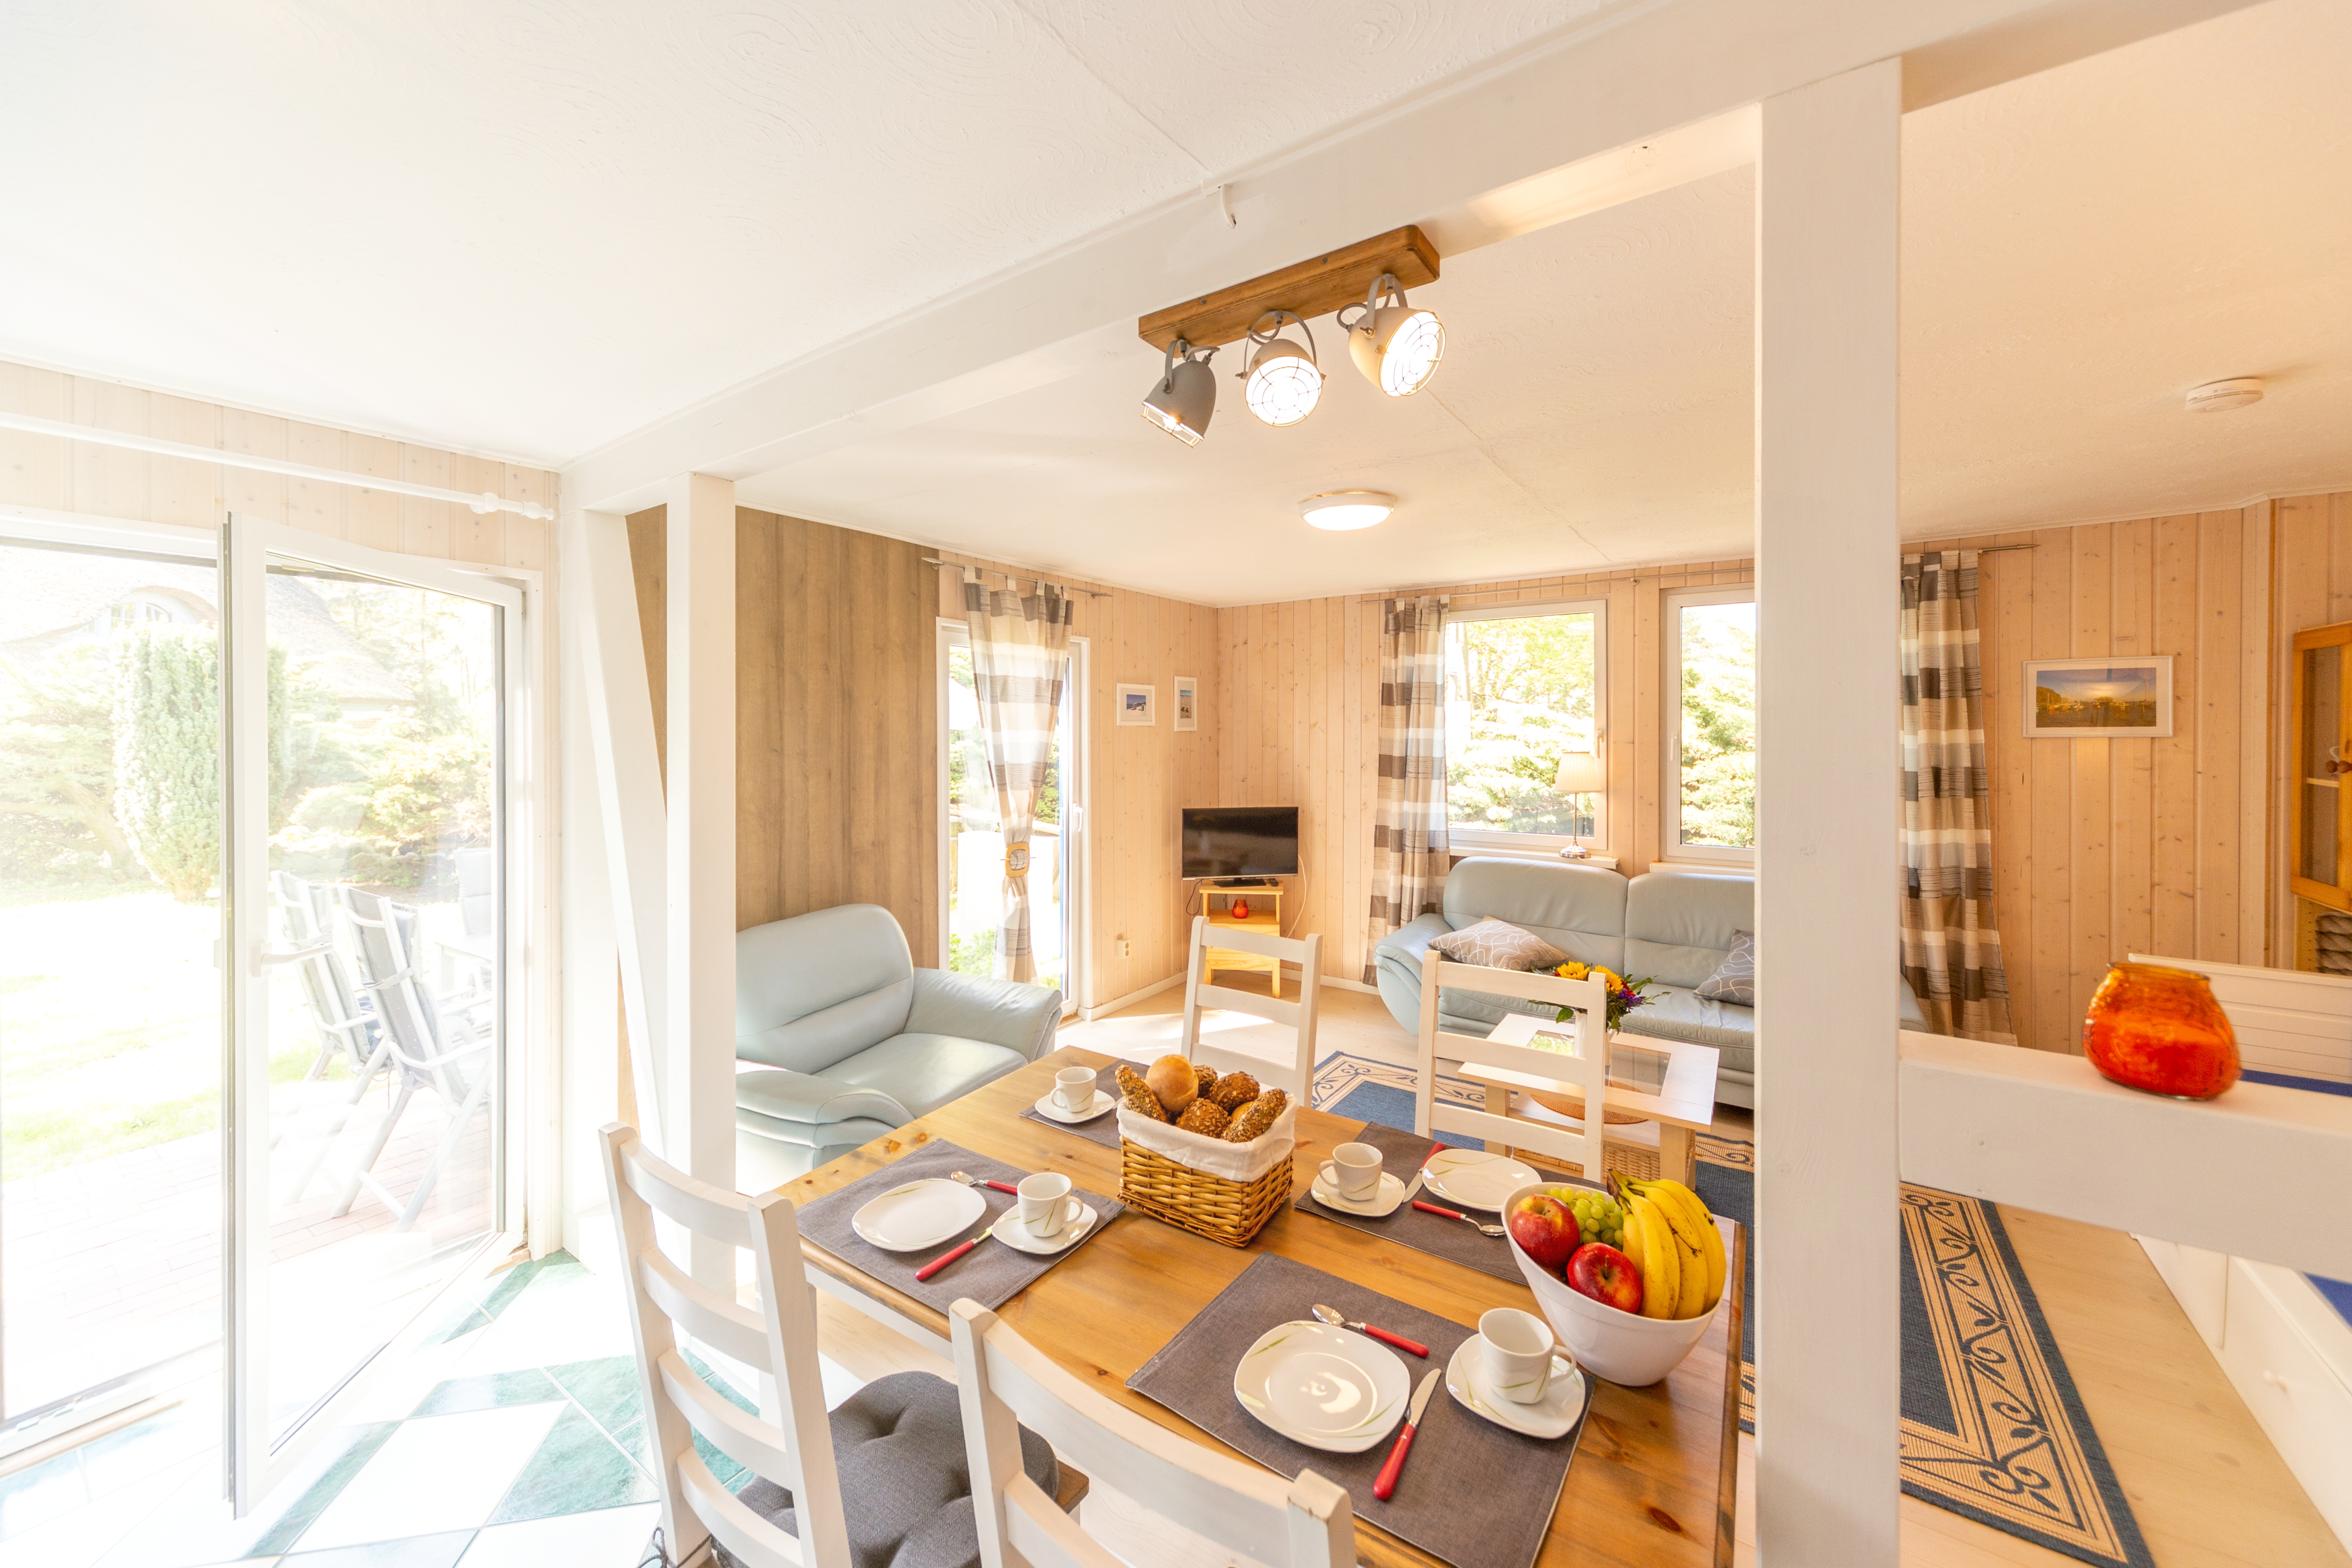 geräumiger Wohnraum mit offener Küche